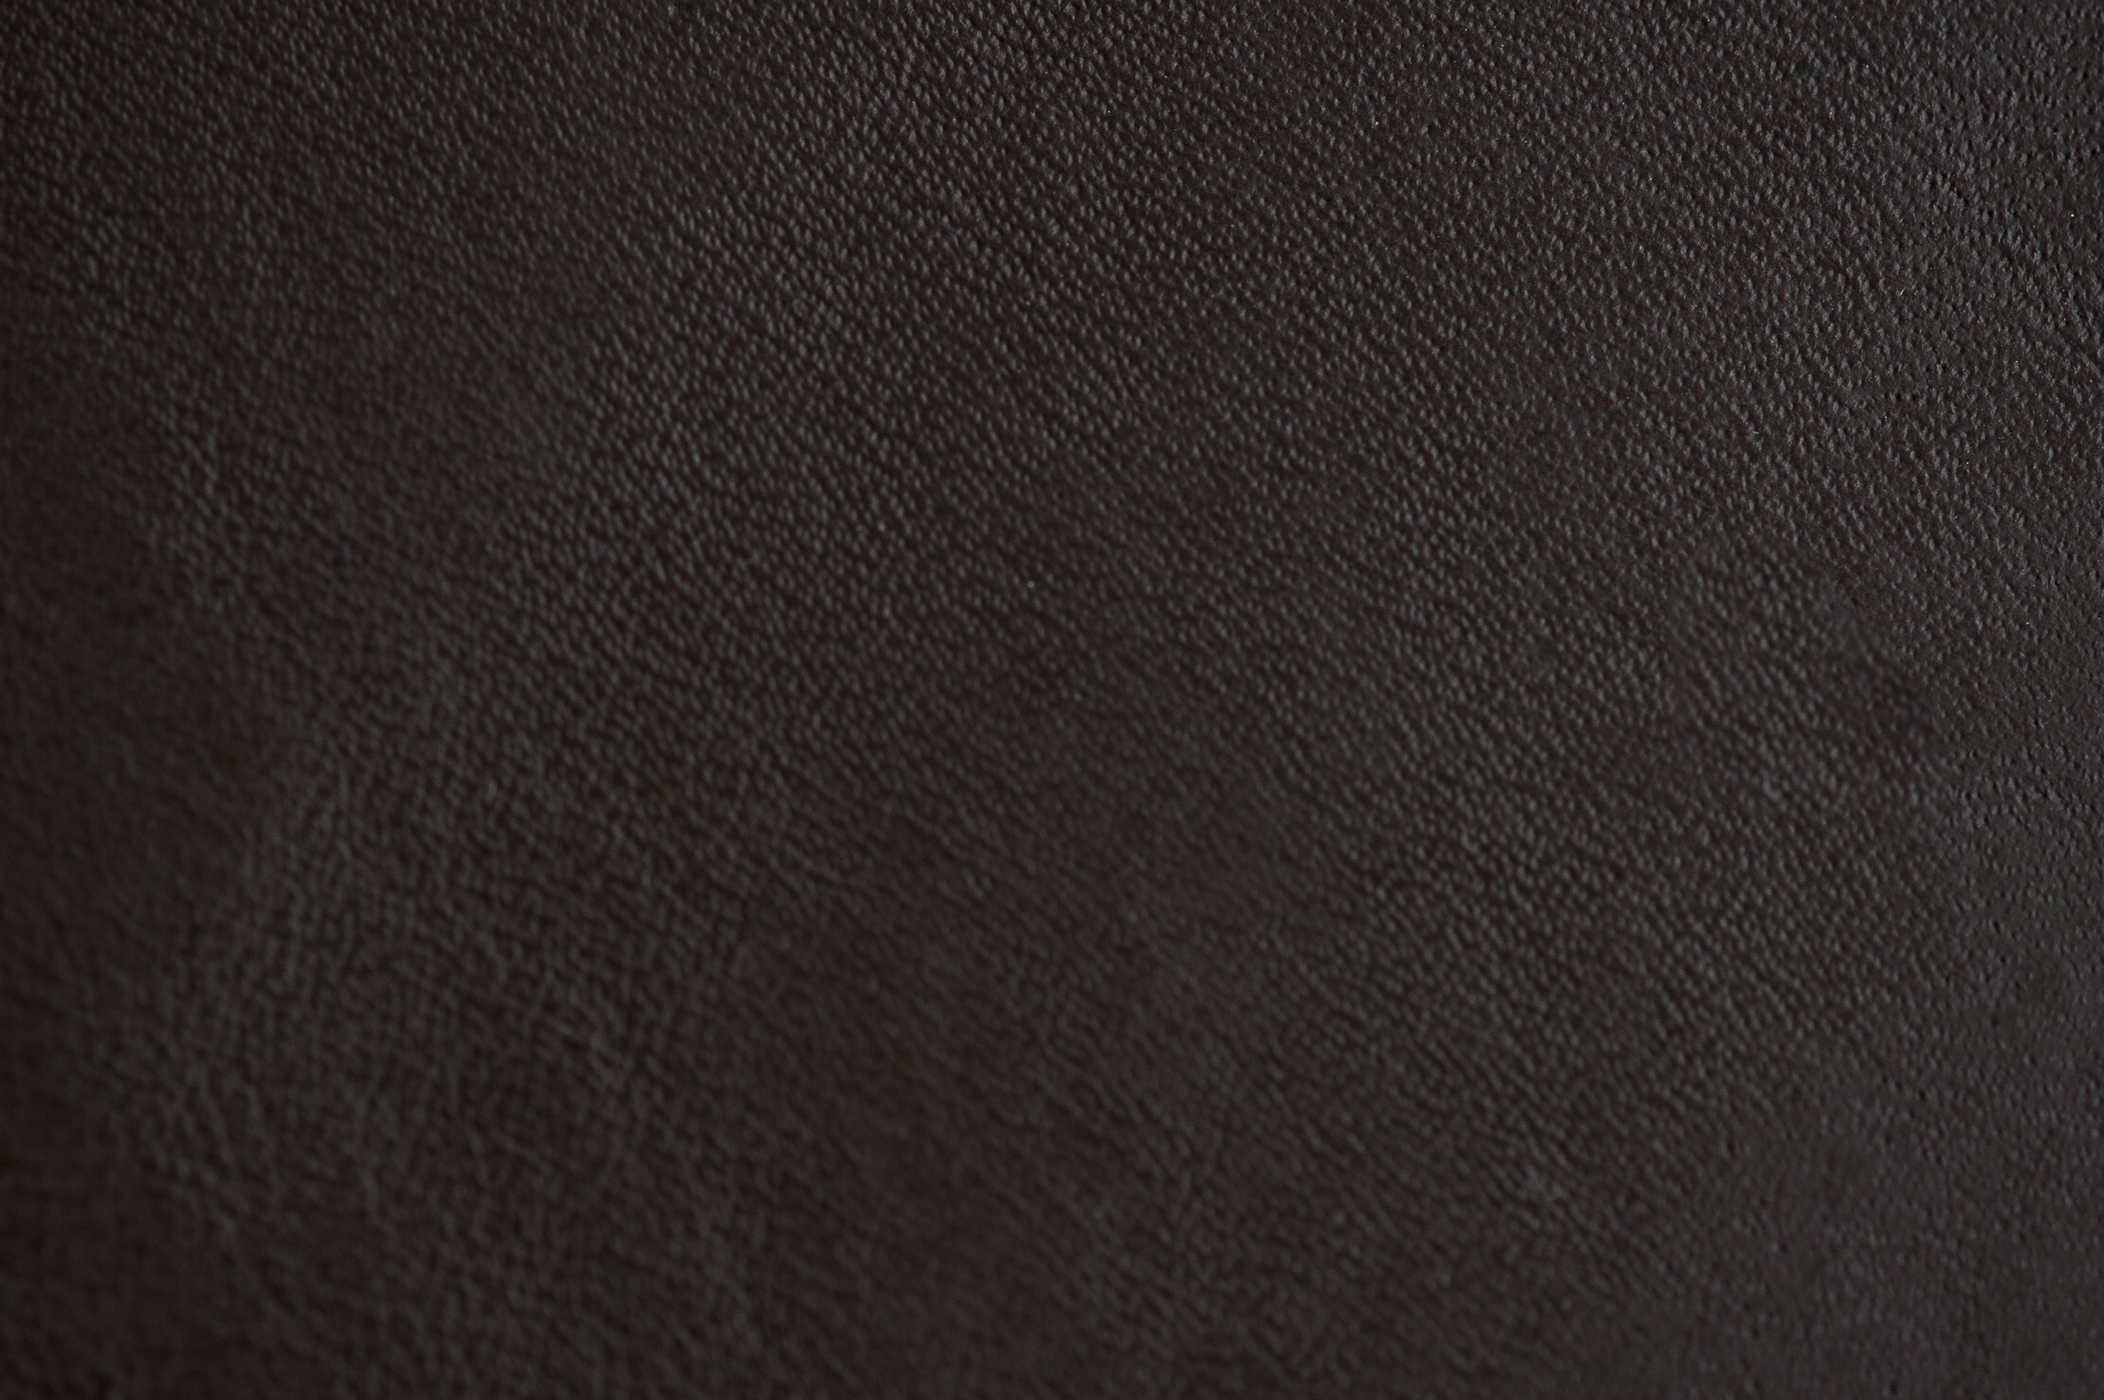 leather coca (+£40)